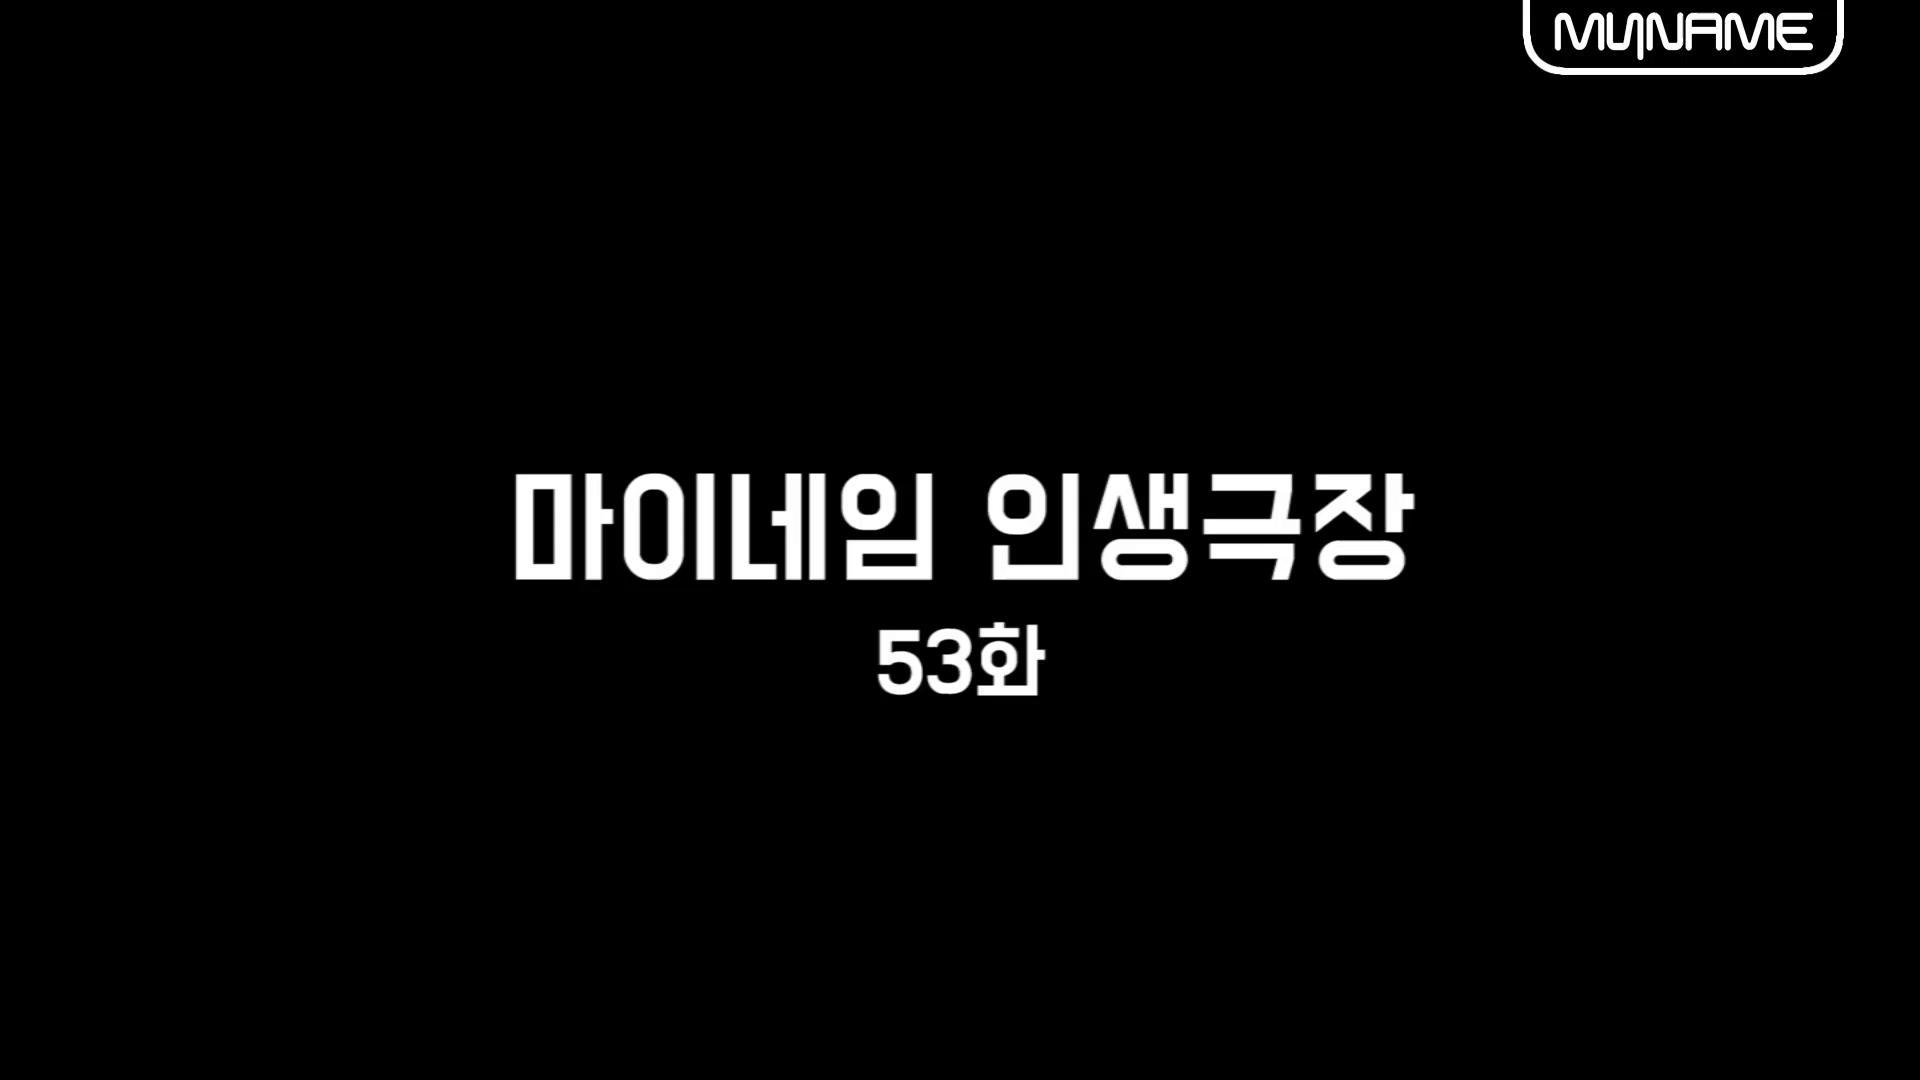 마이네임 인생극장 53화 [횡설수설 리허설]